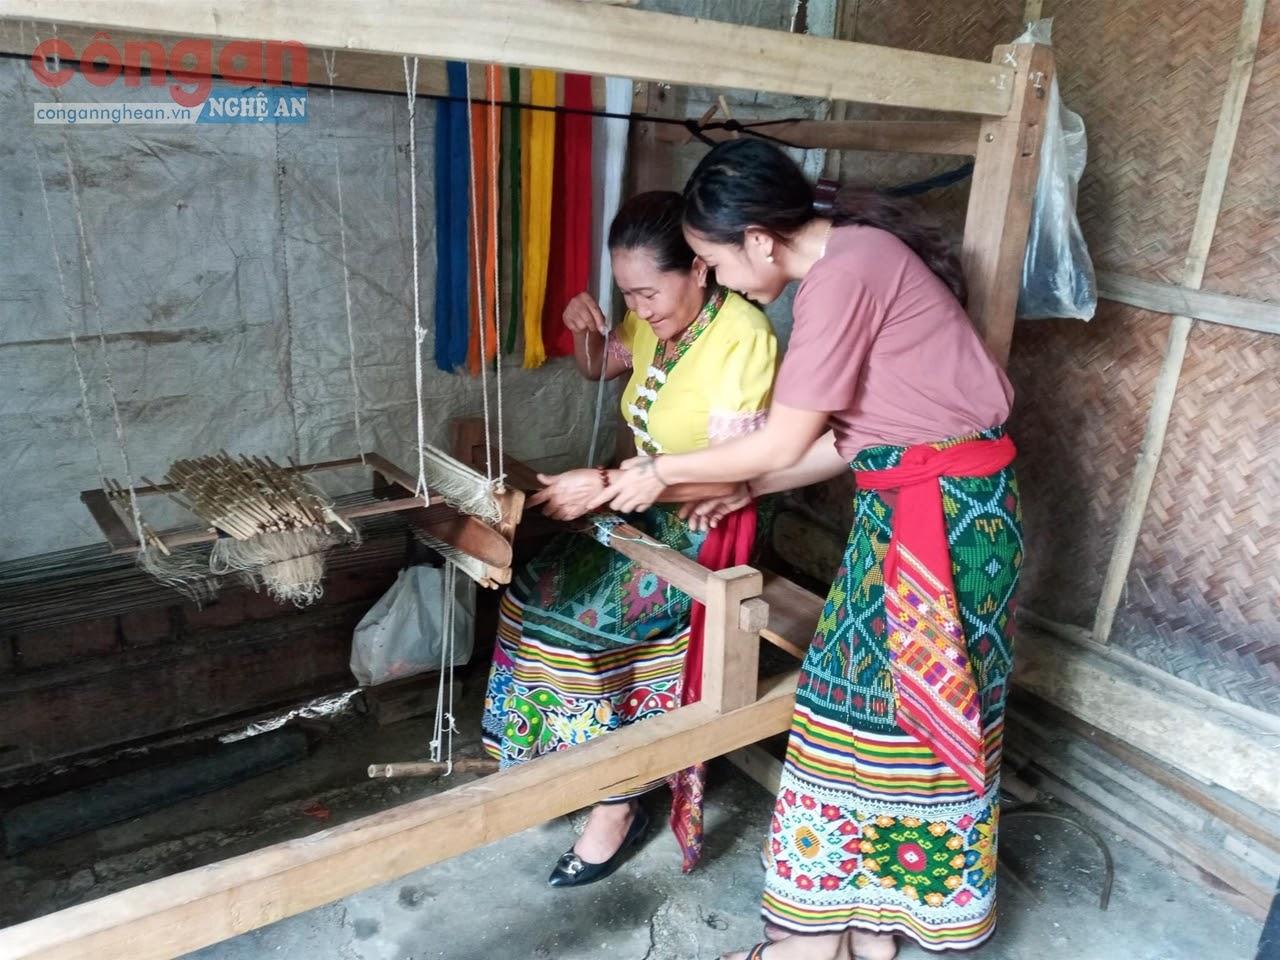 Phát triển du lịch cộng đồng góp phần bảo tồn các giá trị             văn hóa bản địa đặc sắc